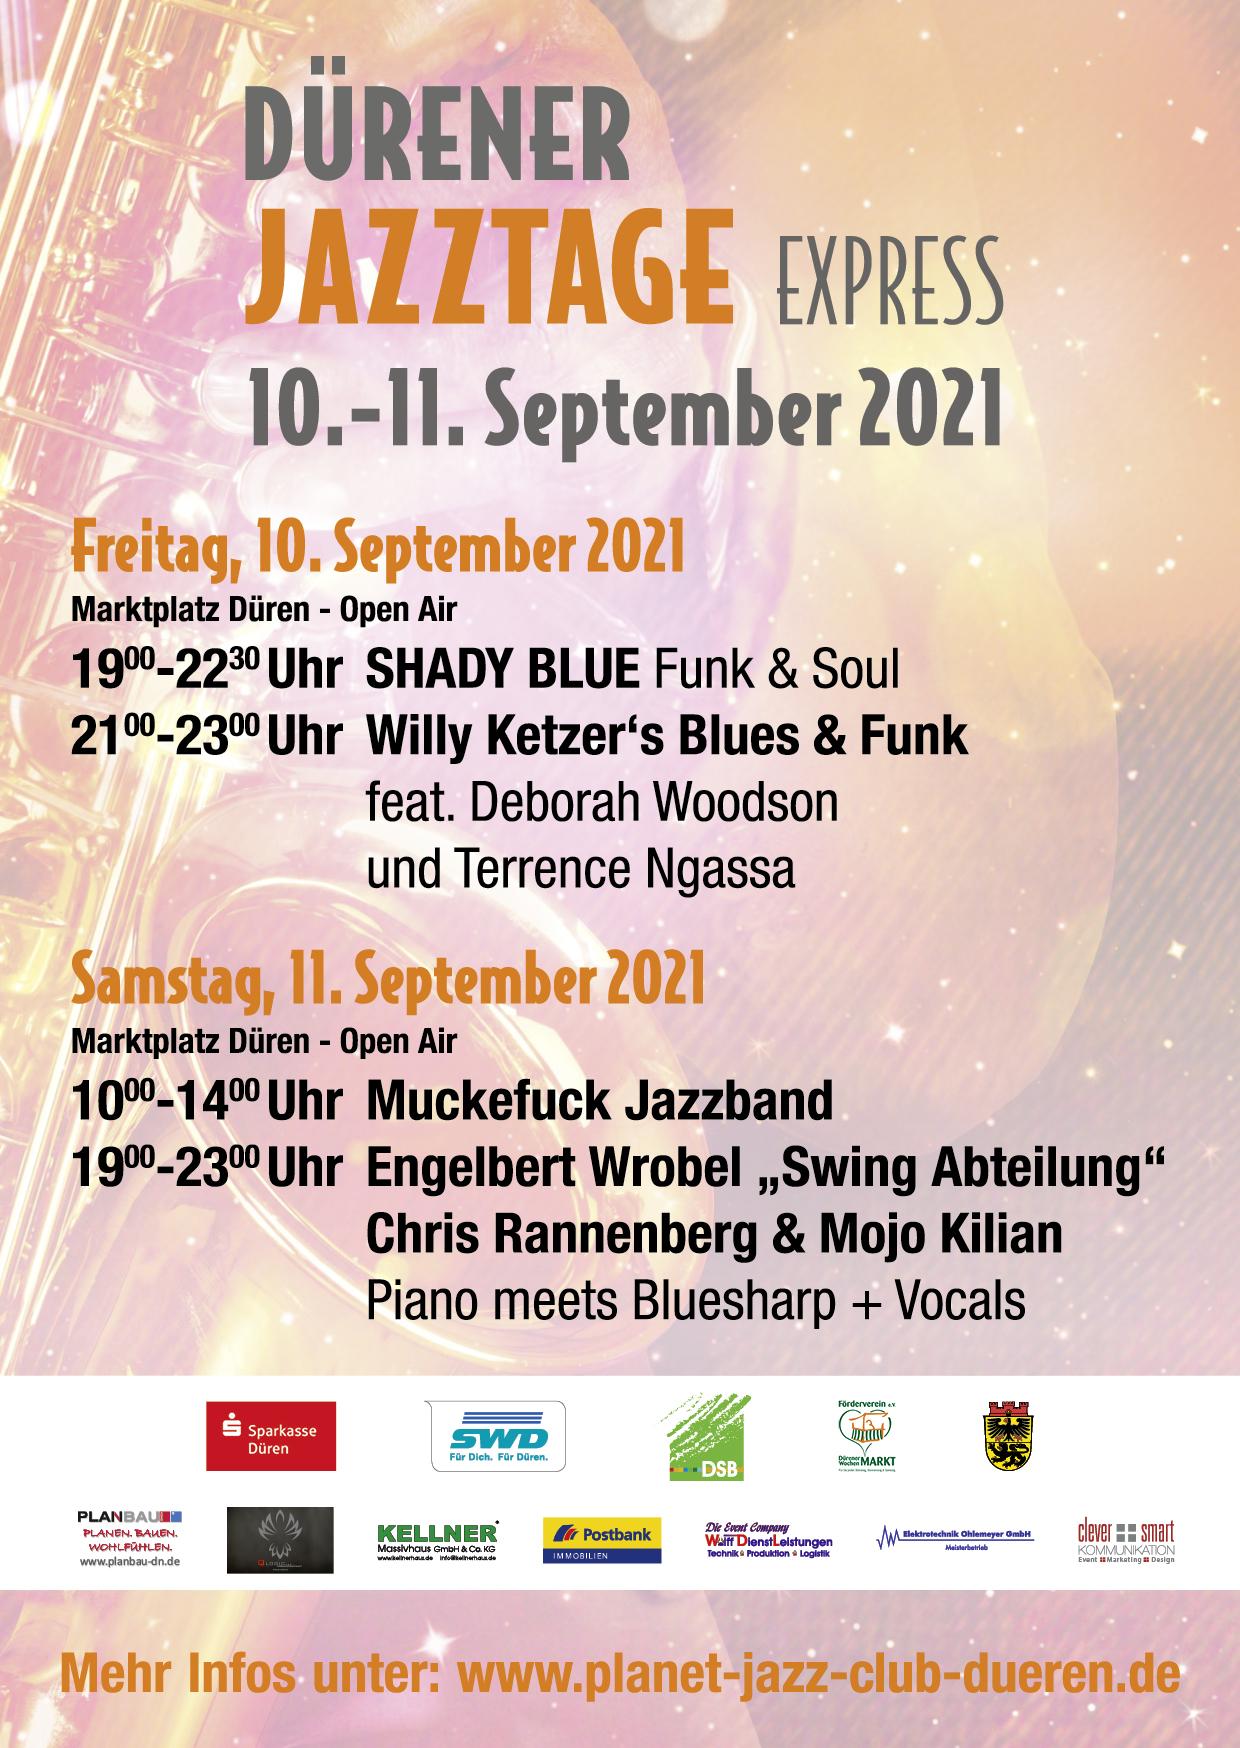 duerner-jazztage-express-2021-plakat_web